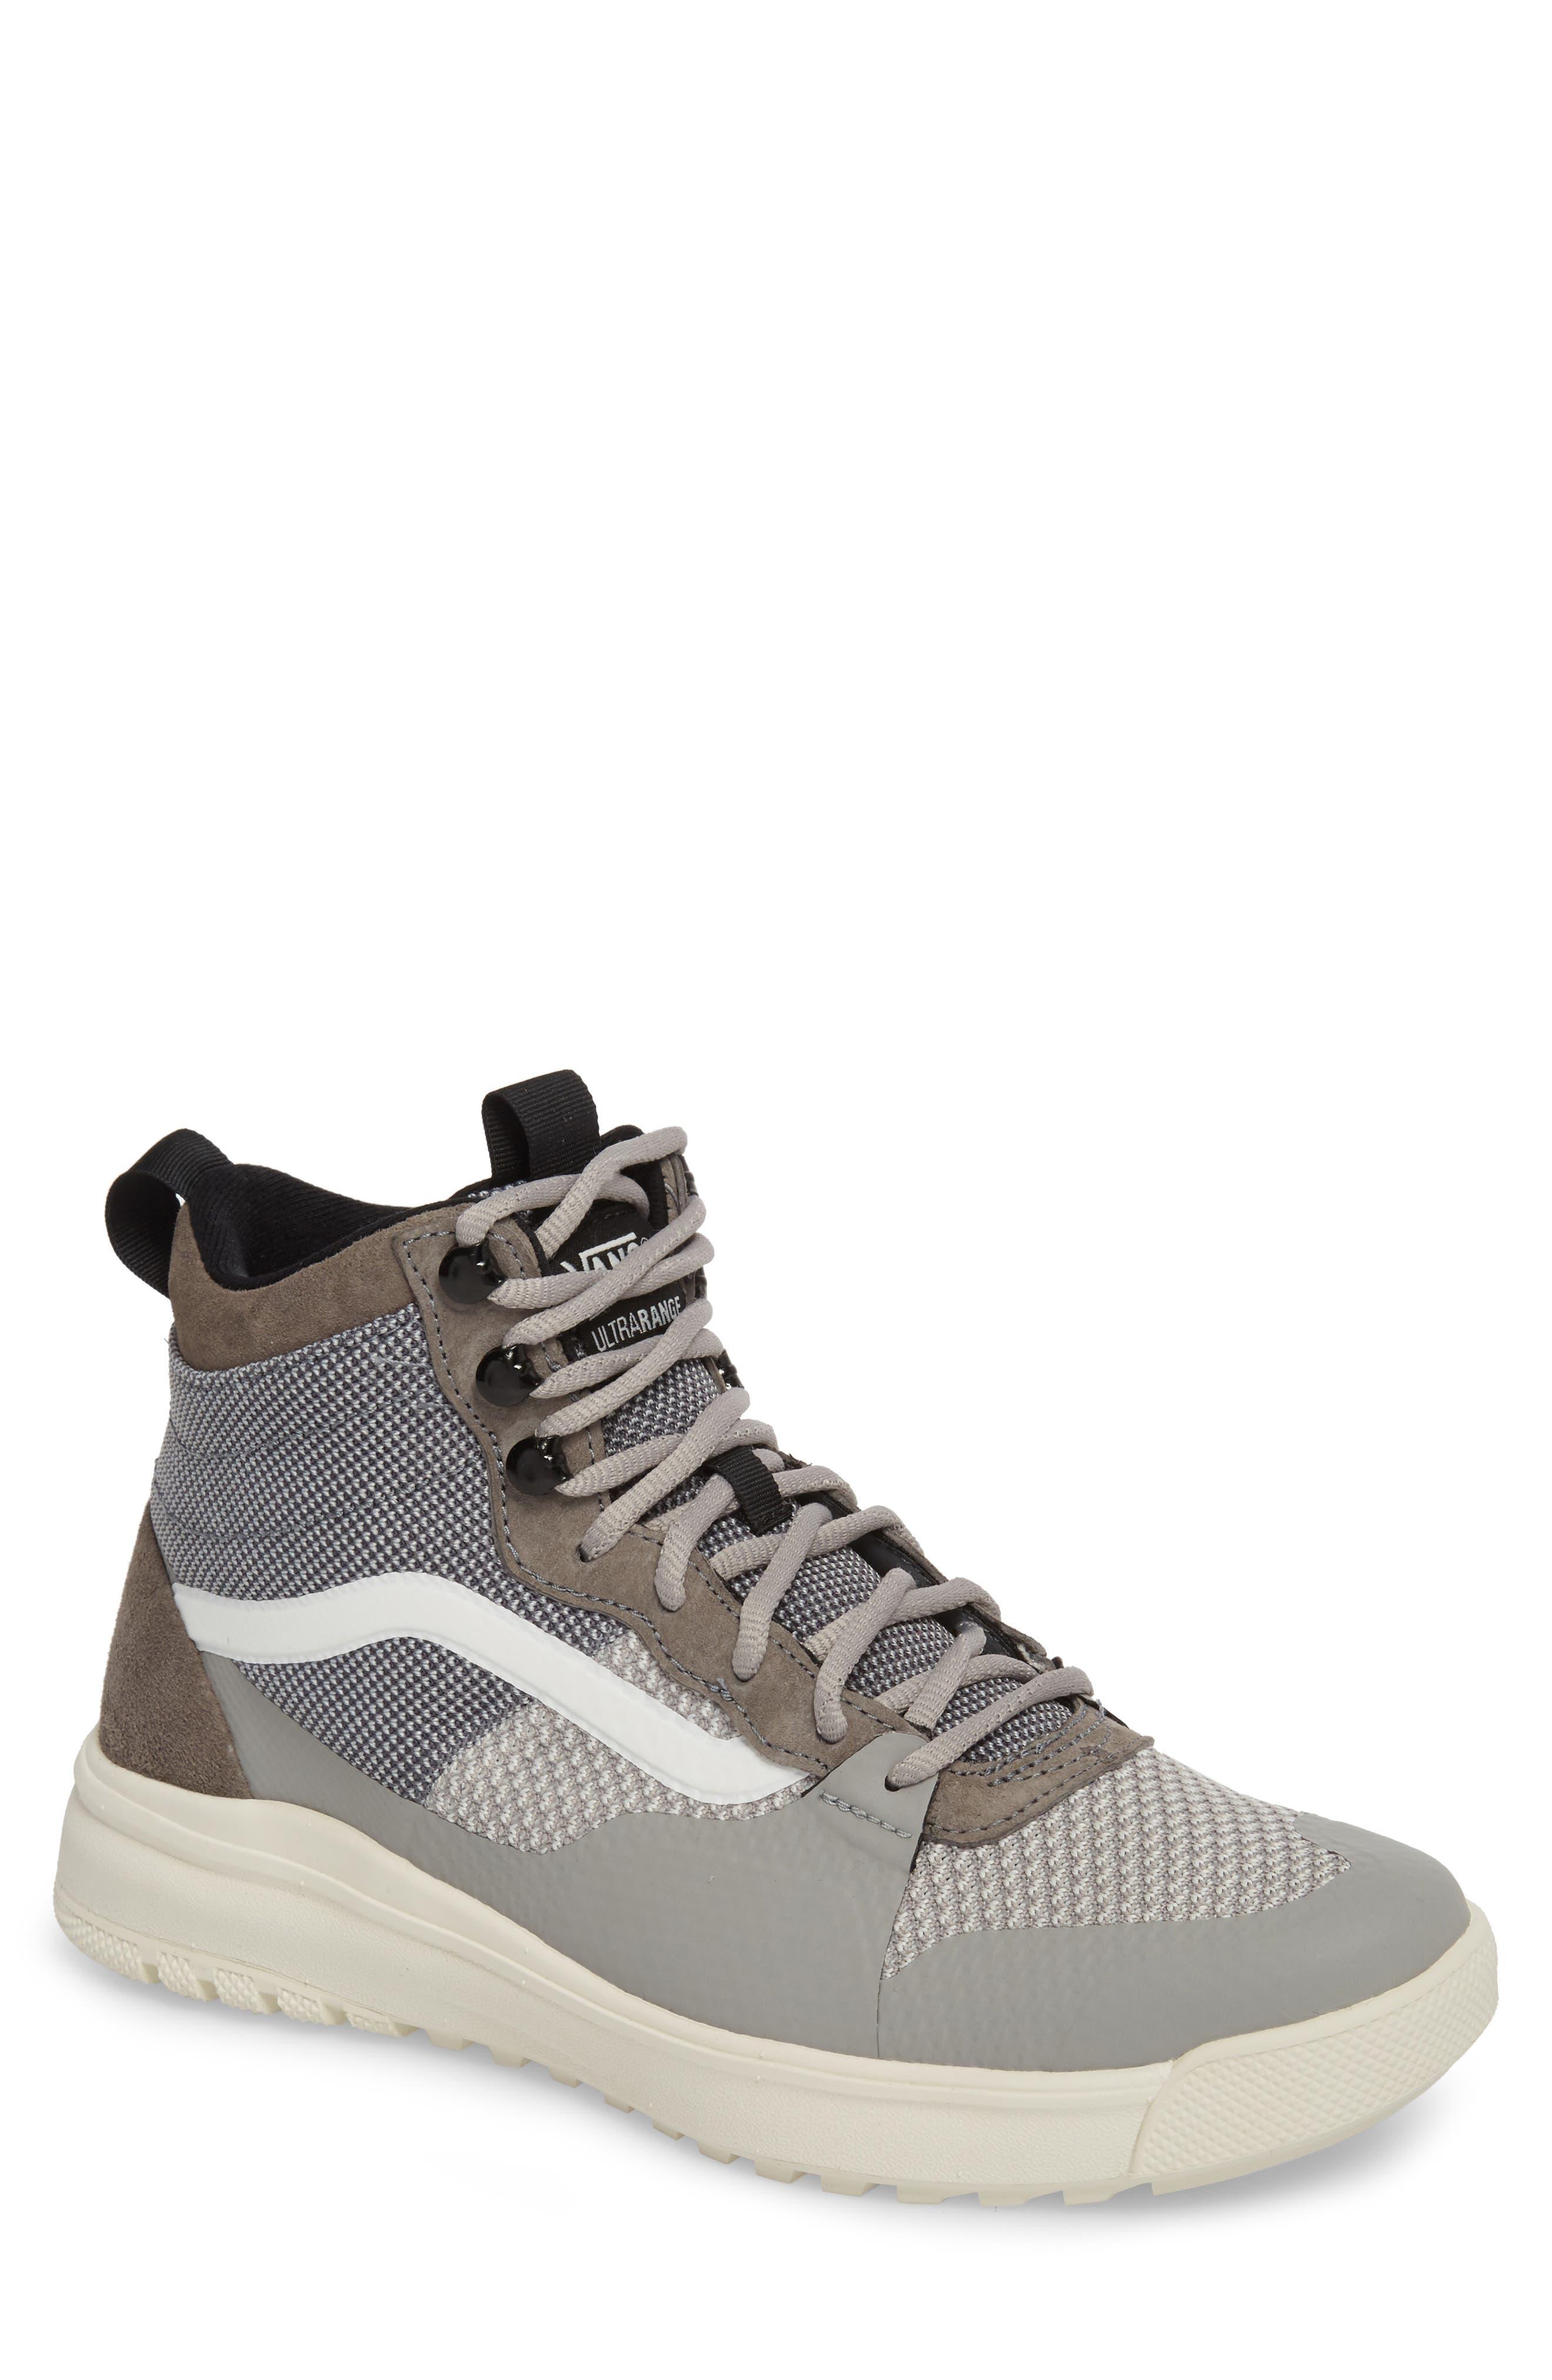 Vans UltraRange DX High Top Sneaker (Men)